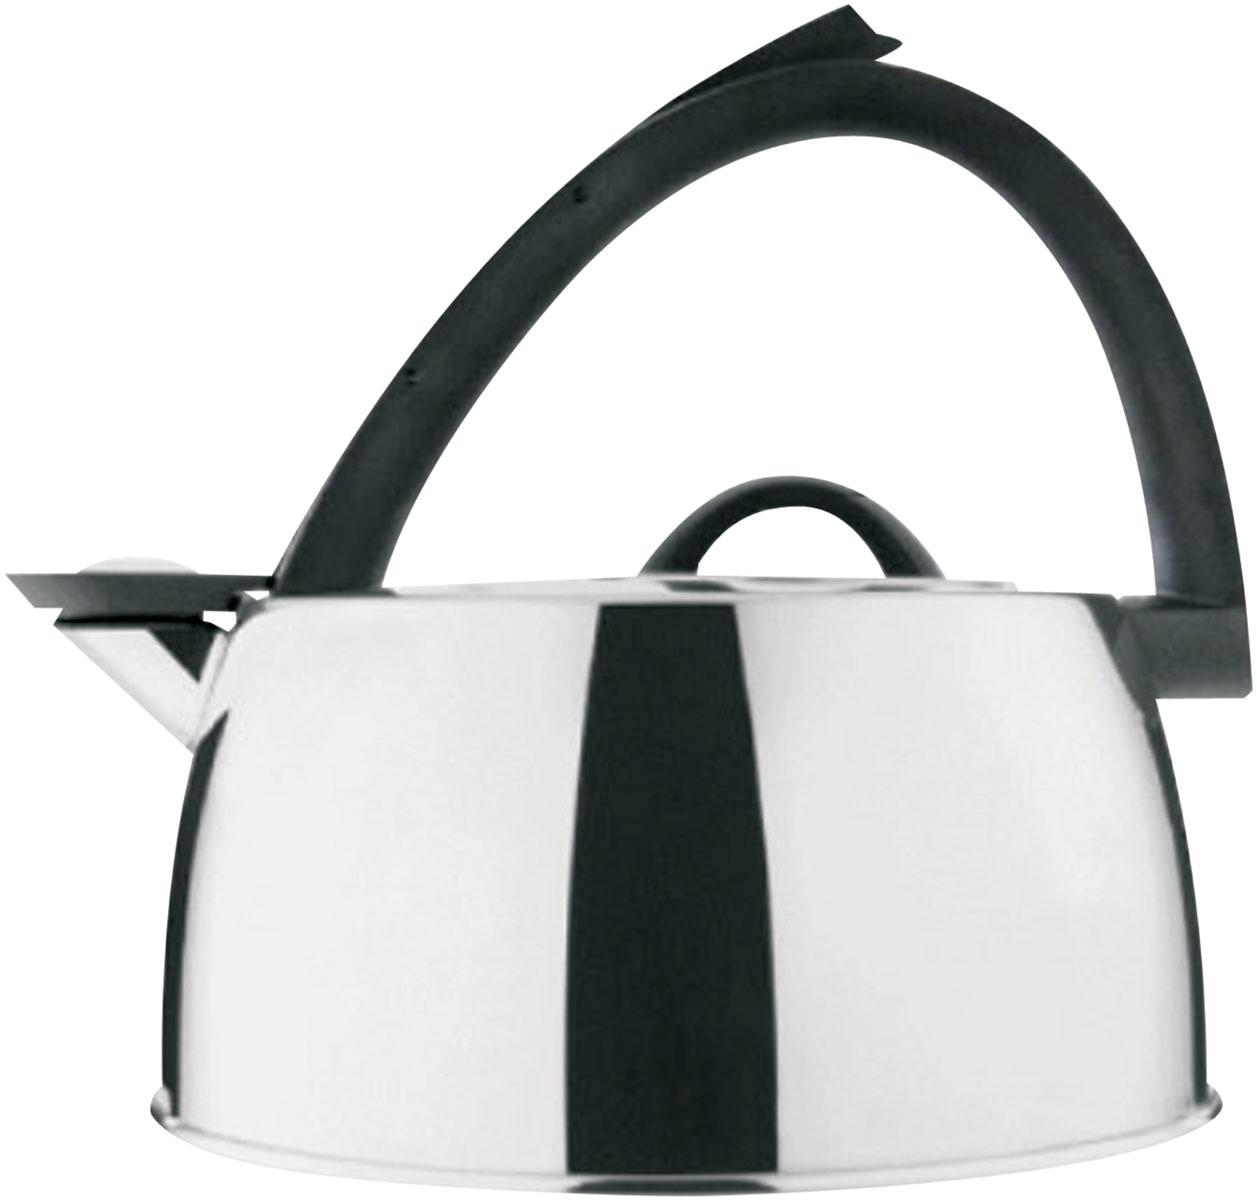 Чайник Bekker De Luxe со свистком, 3 л. BK-S419BK-S419Чайник Bekker De Luxe изготовлен из высококачественной нержавеющей стали 18/10 с зеркальной полировкой. Капсулированное дно распределяет тепло по всей поверхности, что позволяет чайнику быстро закипать. Эргономичная фиксированная рукоятка выполнена из бакелита черного цвета. Носик оснащен откидным свистком, который подскажет, когда вода закипела. Свисток открывается и закрывается рычагом на рукоятке.Оригинальный дизайн эффектно оформит интерьер кухни. Подходит для всех типов плит, кроме индукционных. Можно мыть в посудомоечной машине.